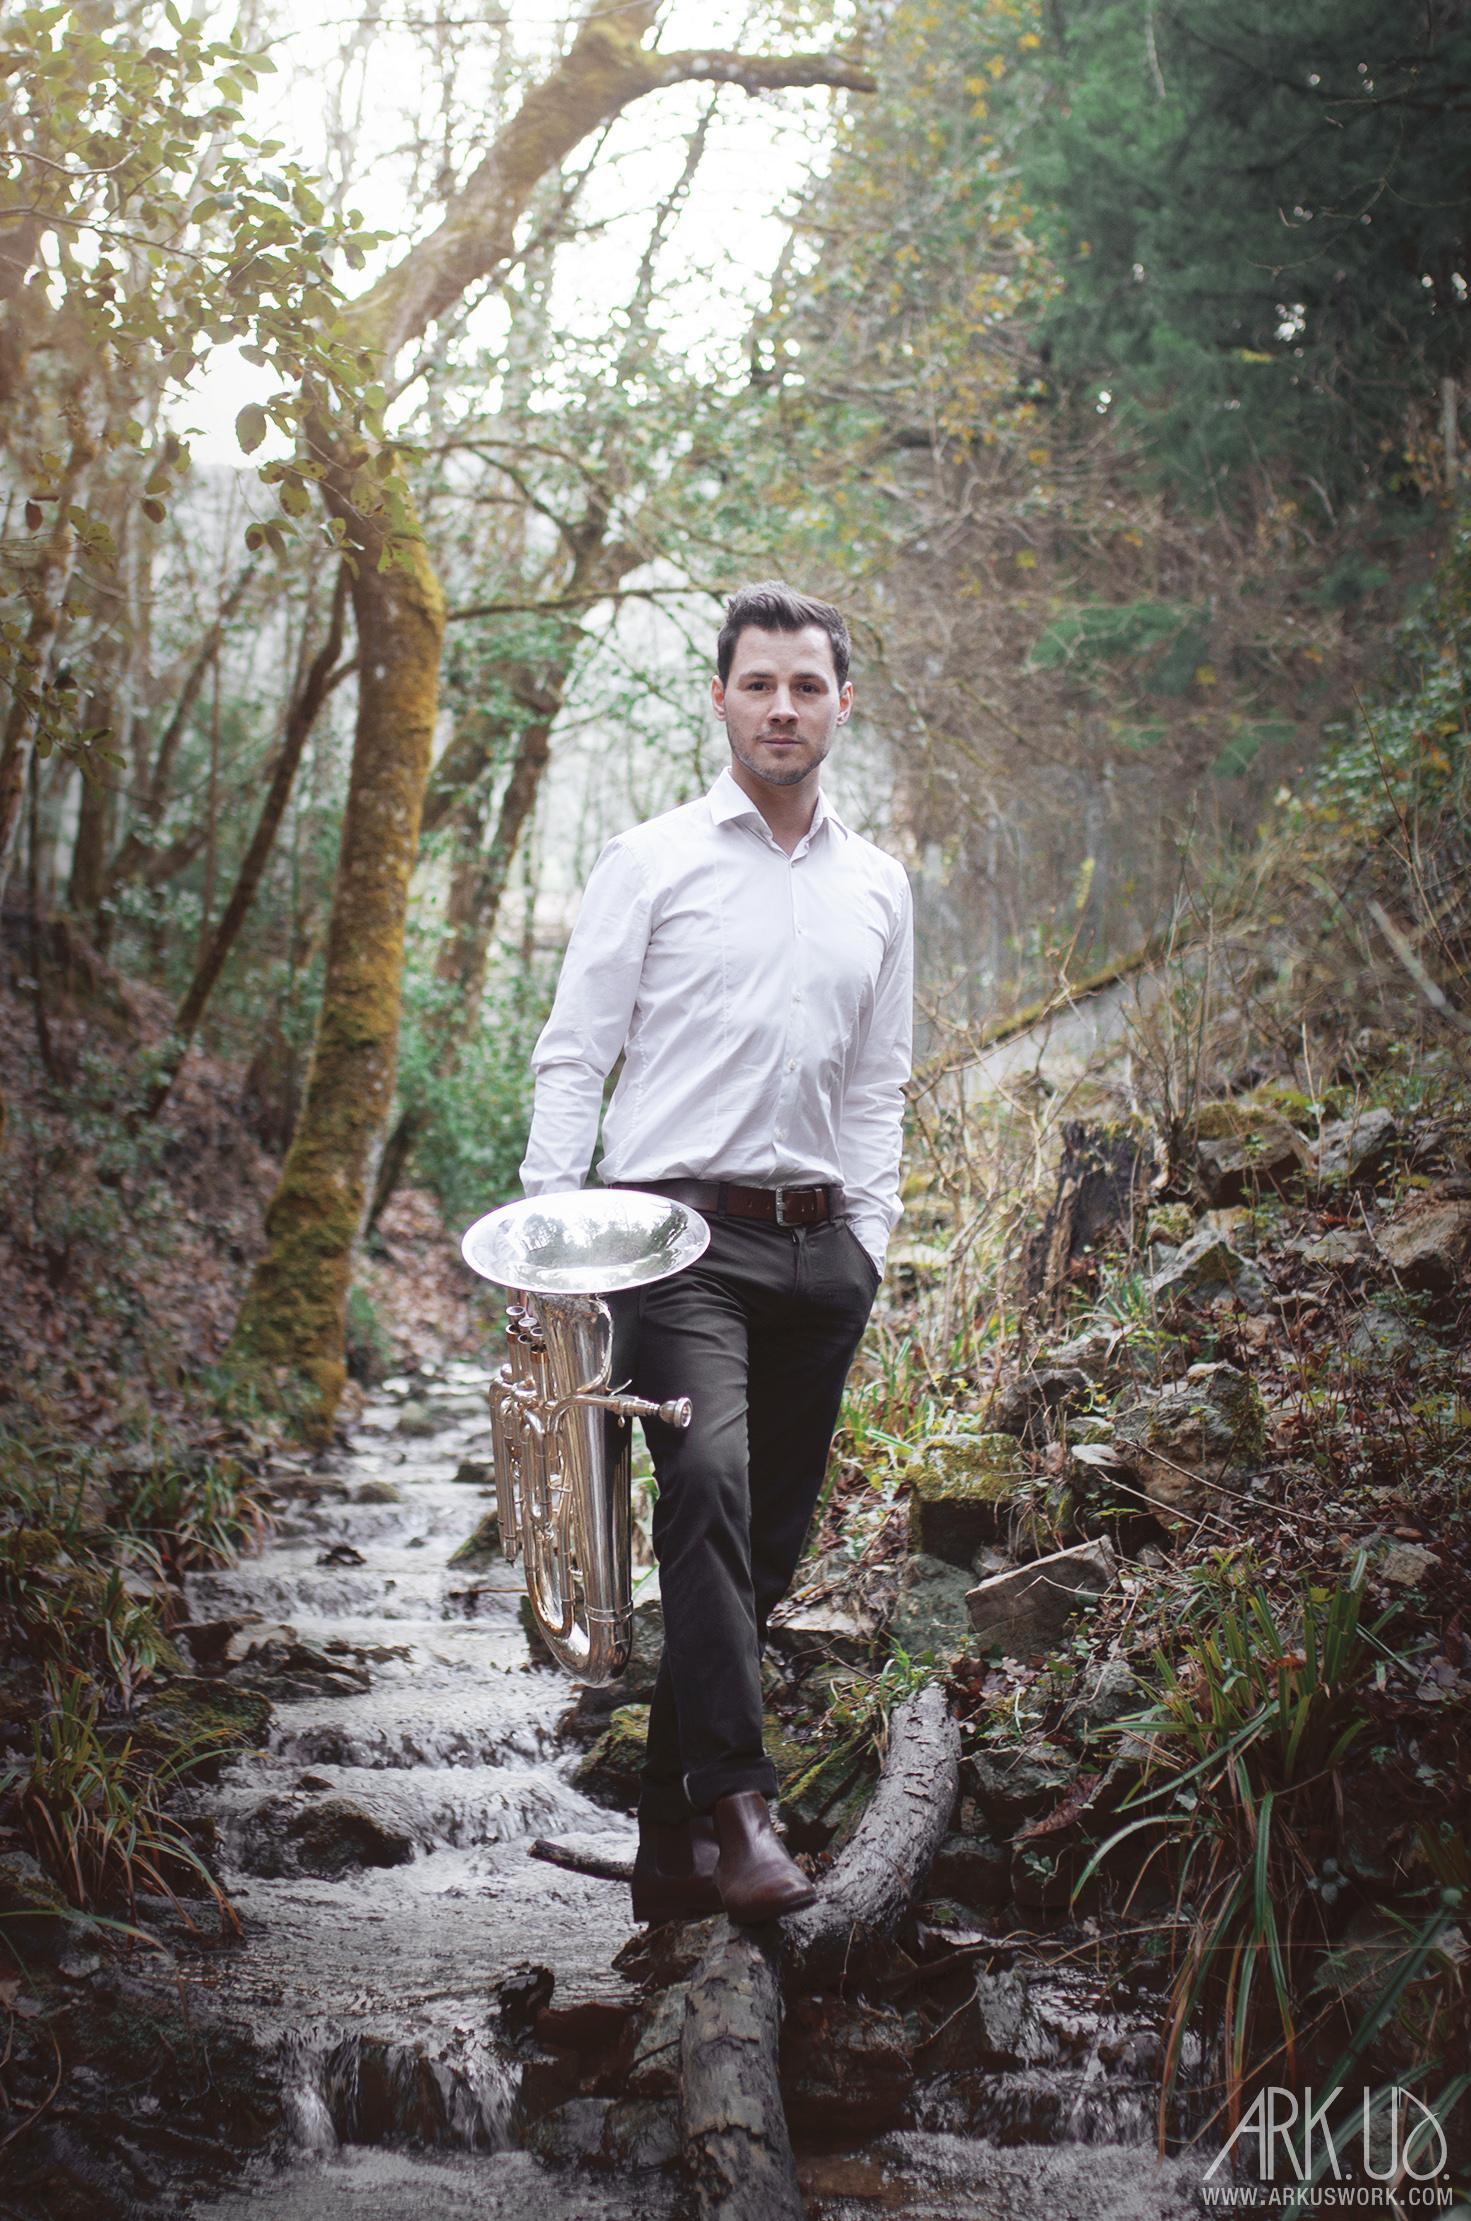 séance photo homme var toulon forêt musicien trompette cuivre art artistique portrait photographie photographe artiste tuba thomas morel